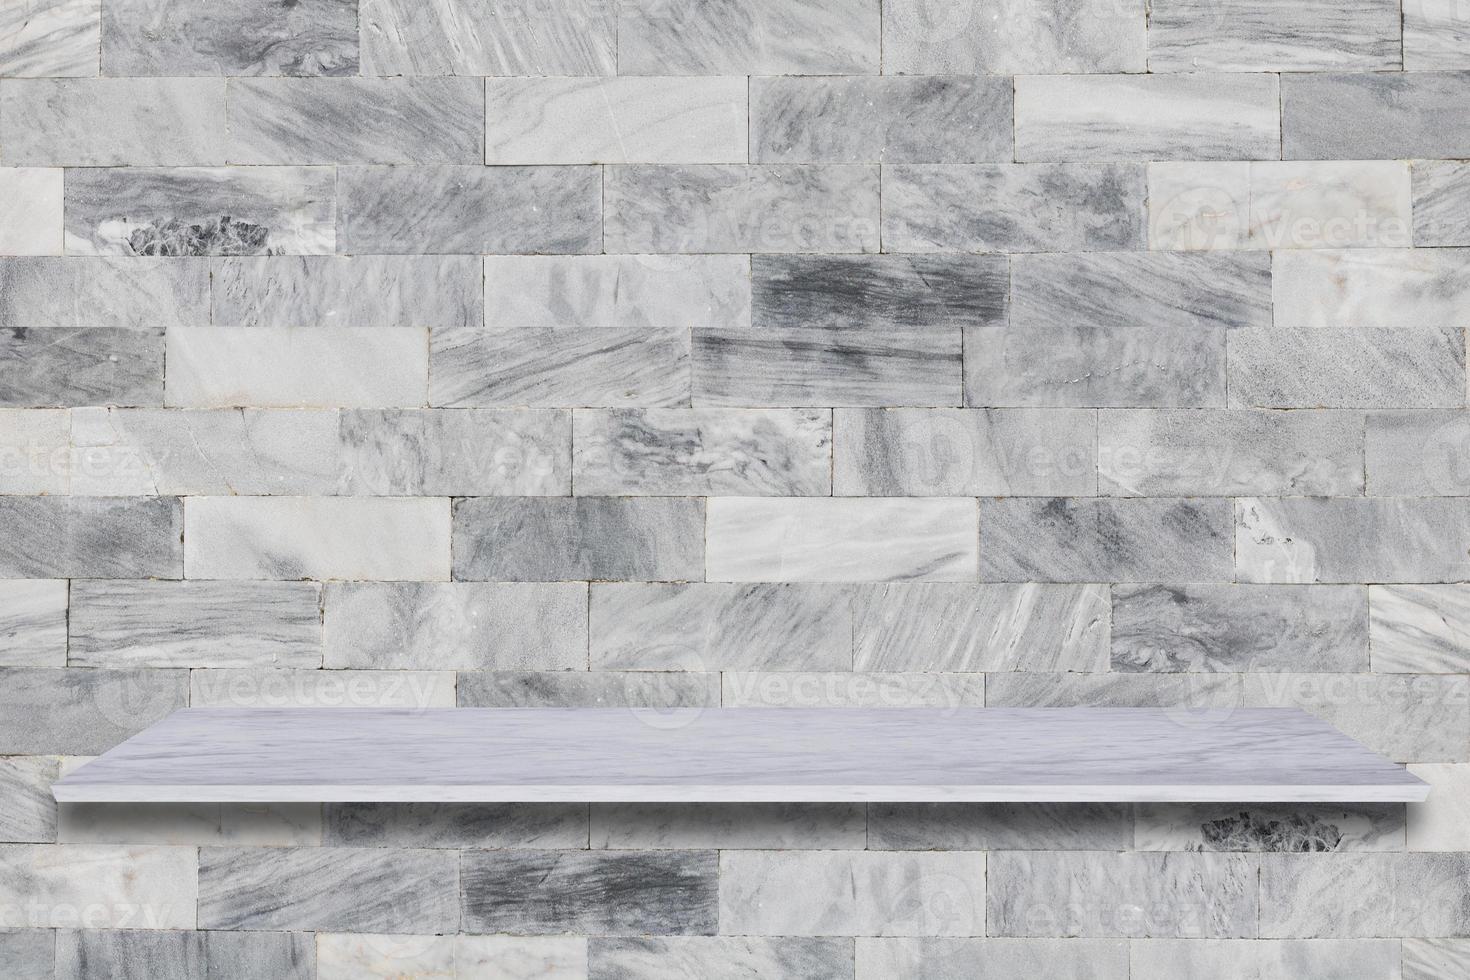 mensola in marmo bianco con fondale in pietra foto